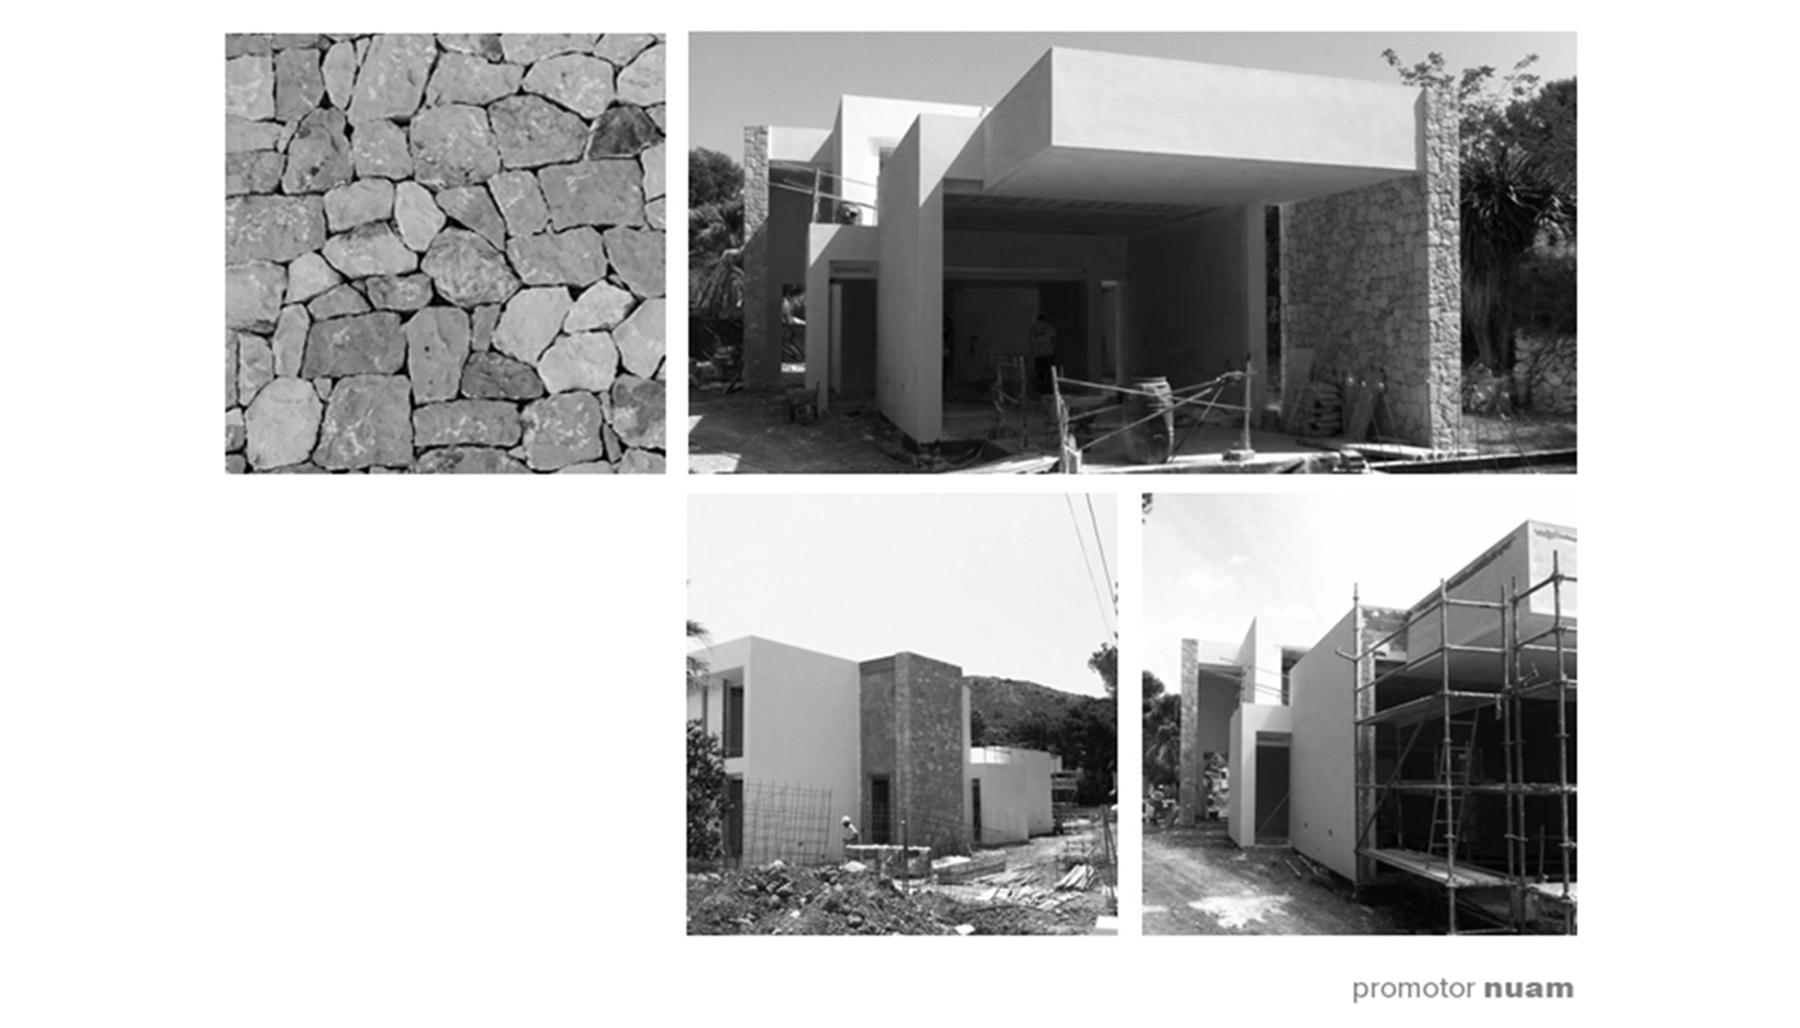 arquitectura-casa-portet